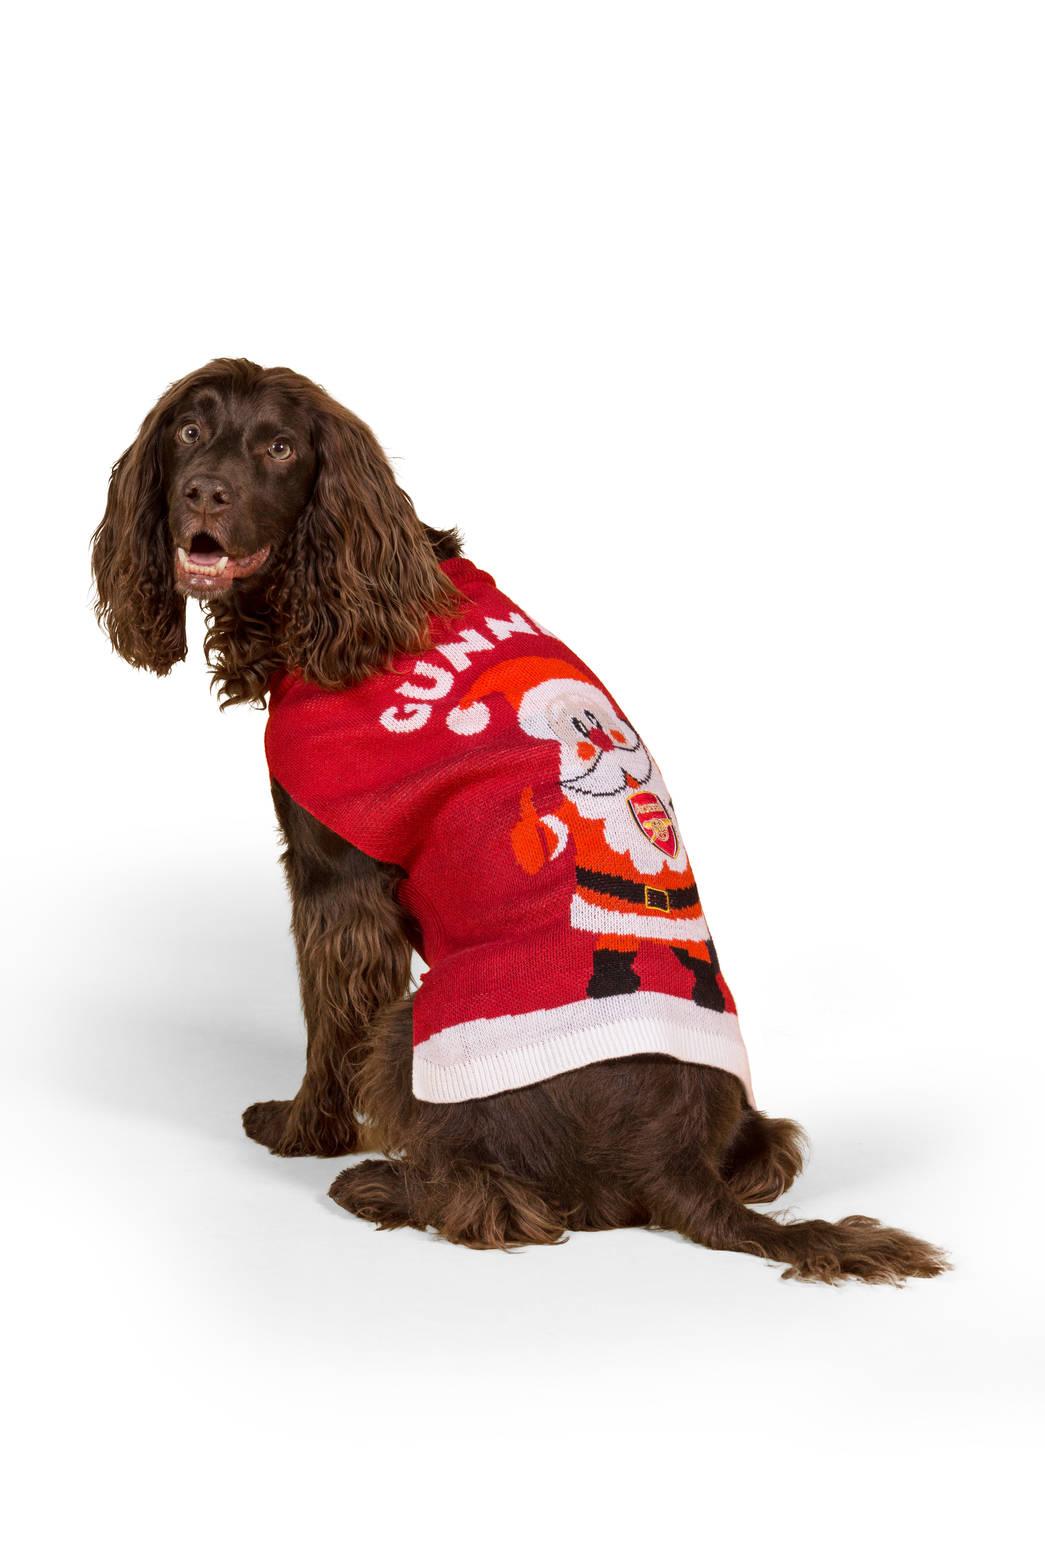 newest 261bc f1319 Arsenal Football Shirt For Dogs | Azərbaycan Dillər Universiteti